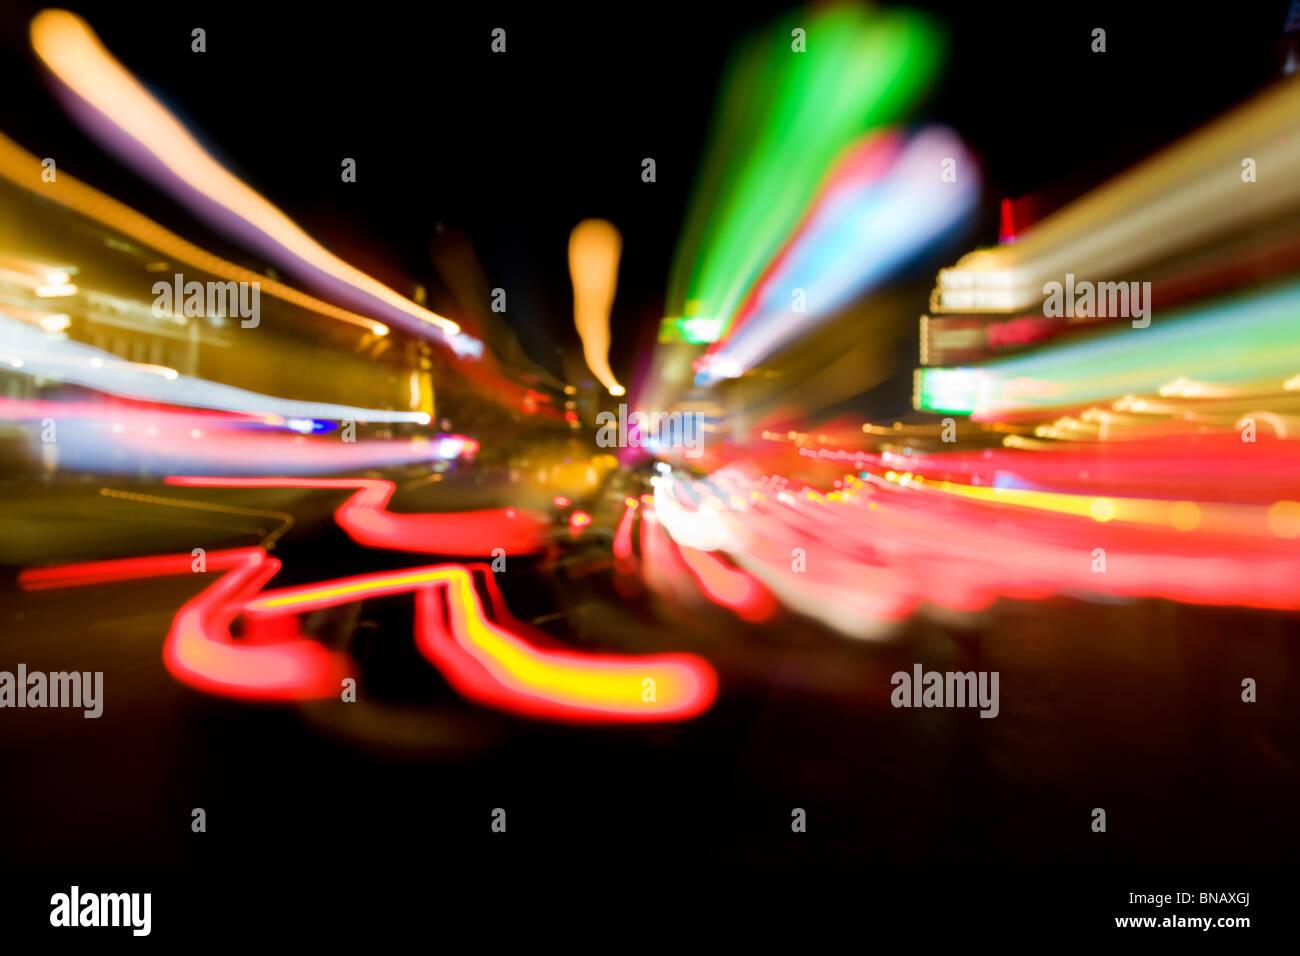 Resumen de movimiento de imagen borrosa de semáforos en las calles de Las Vegas Imagen De Stock